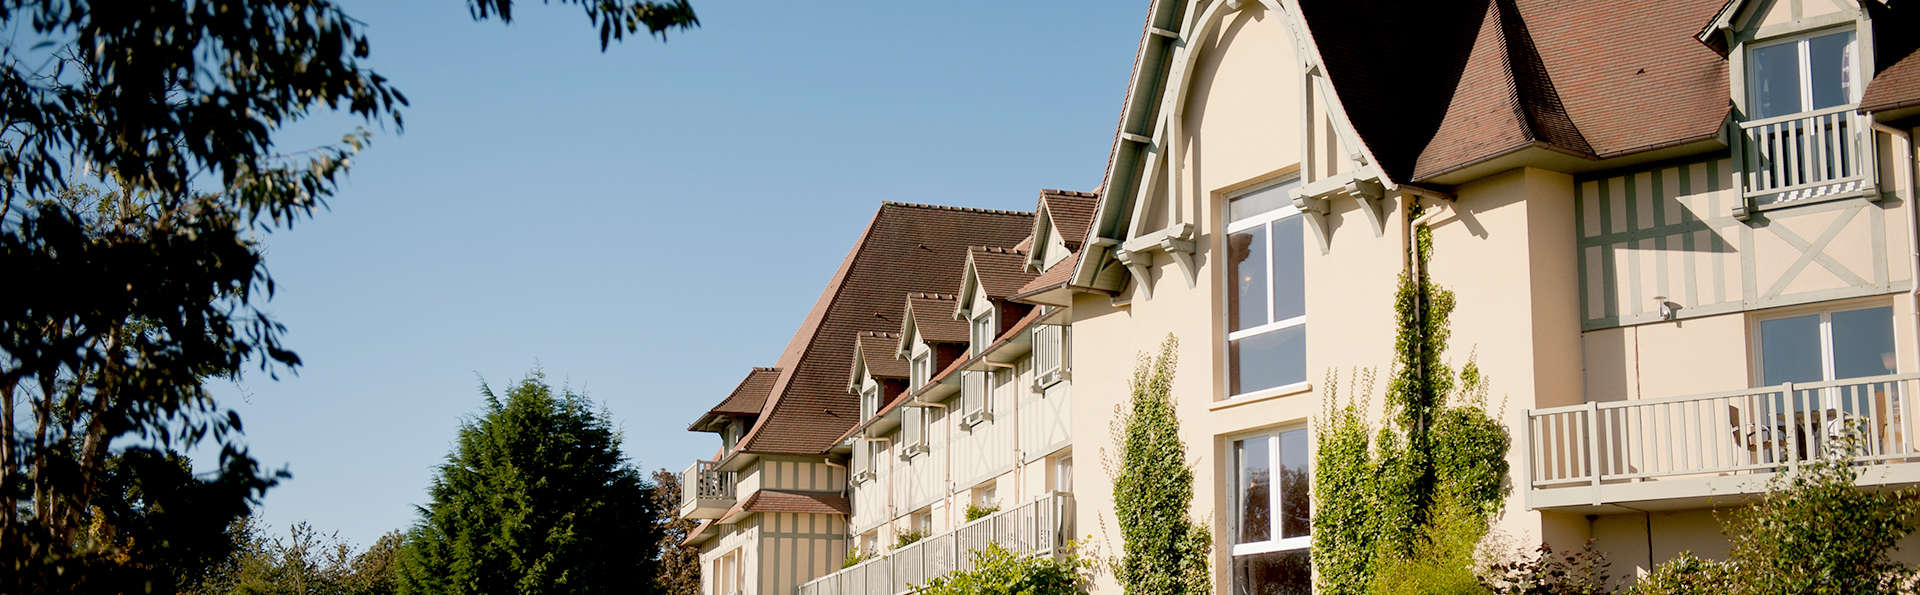 Délices normands et détente près de Deauville